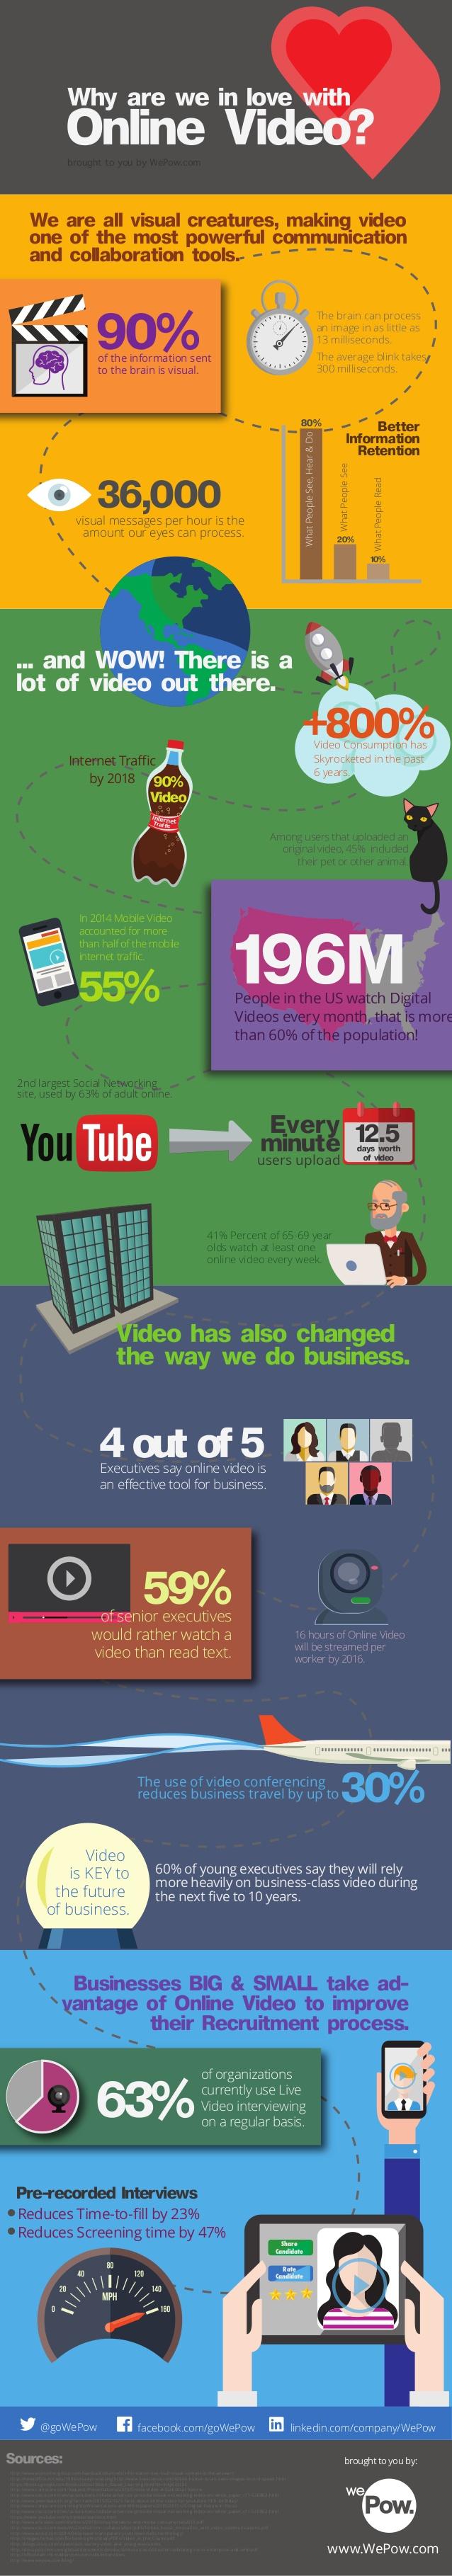 ¿Por qué adoramos el vídeo online?